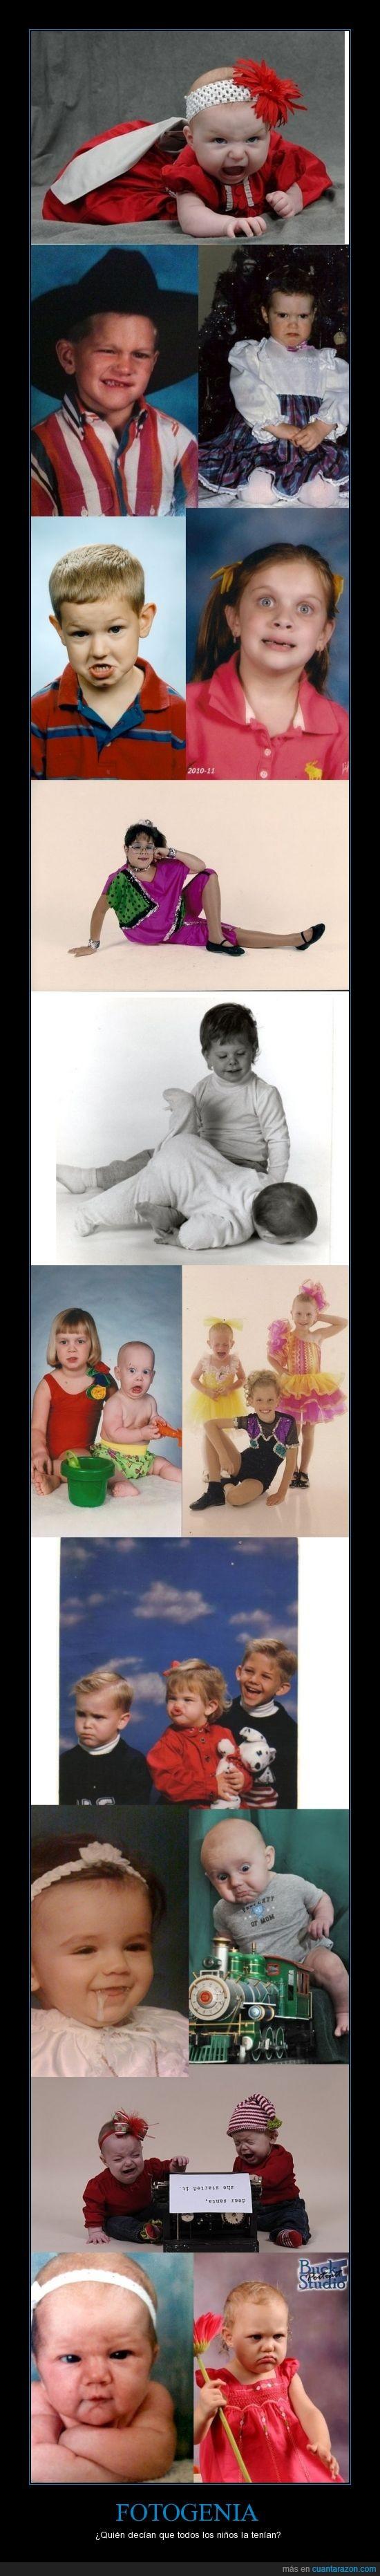 bebes,fotogenia,fotogénicos,fotos,humor,niños